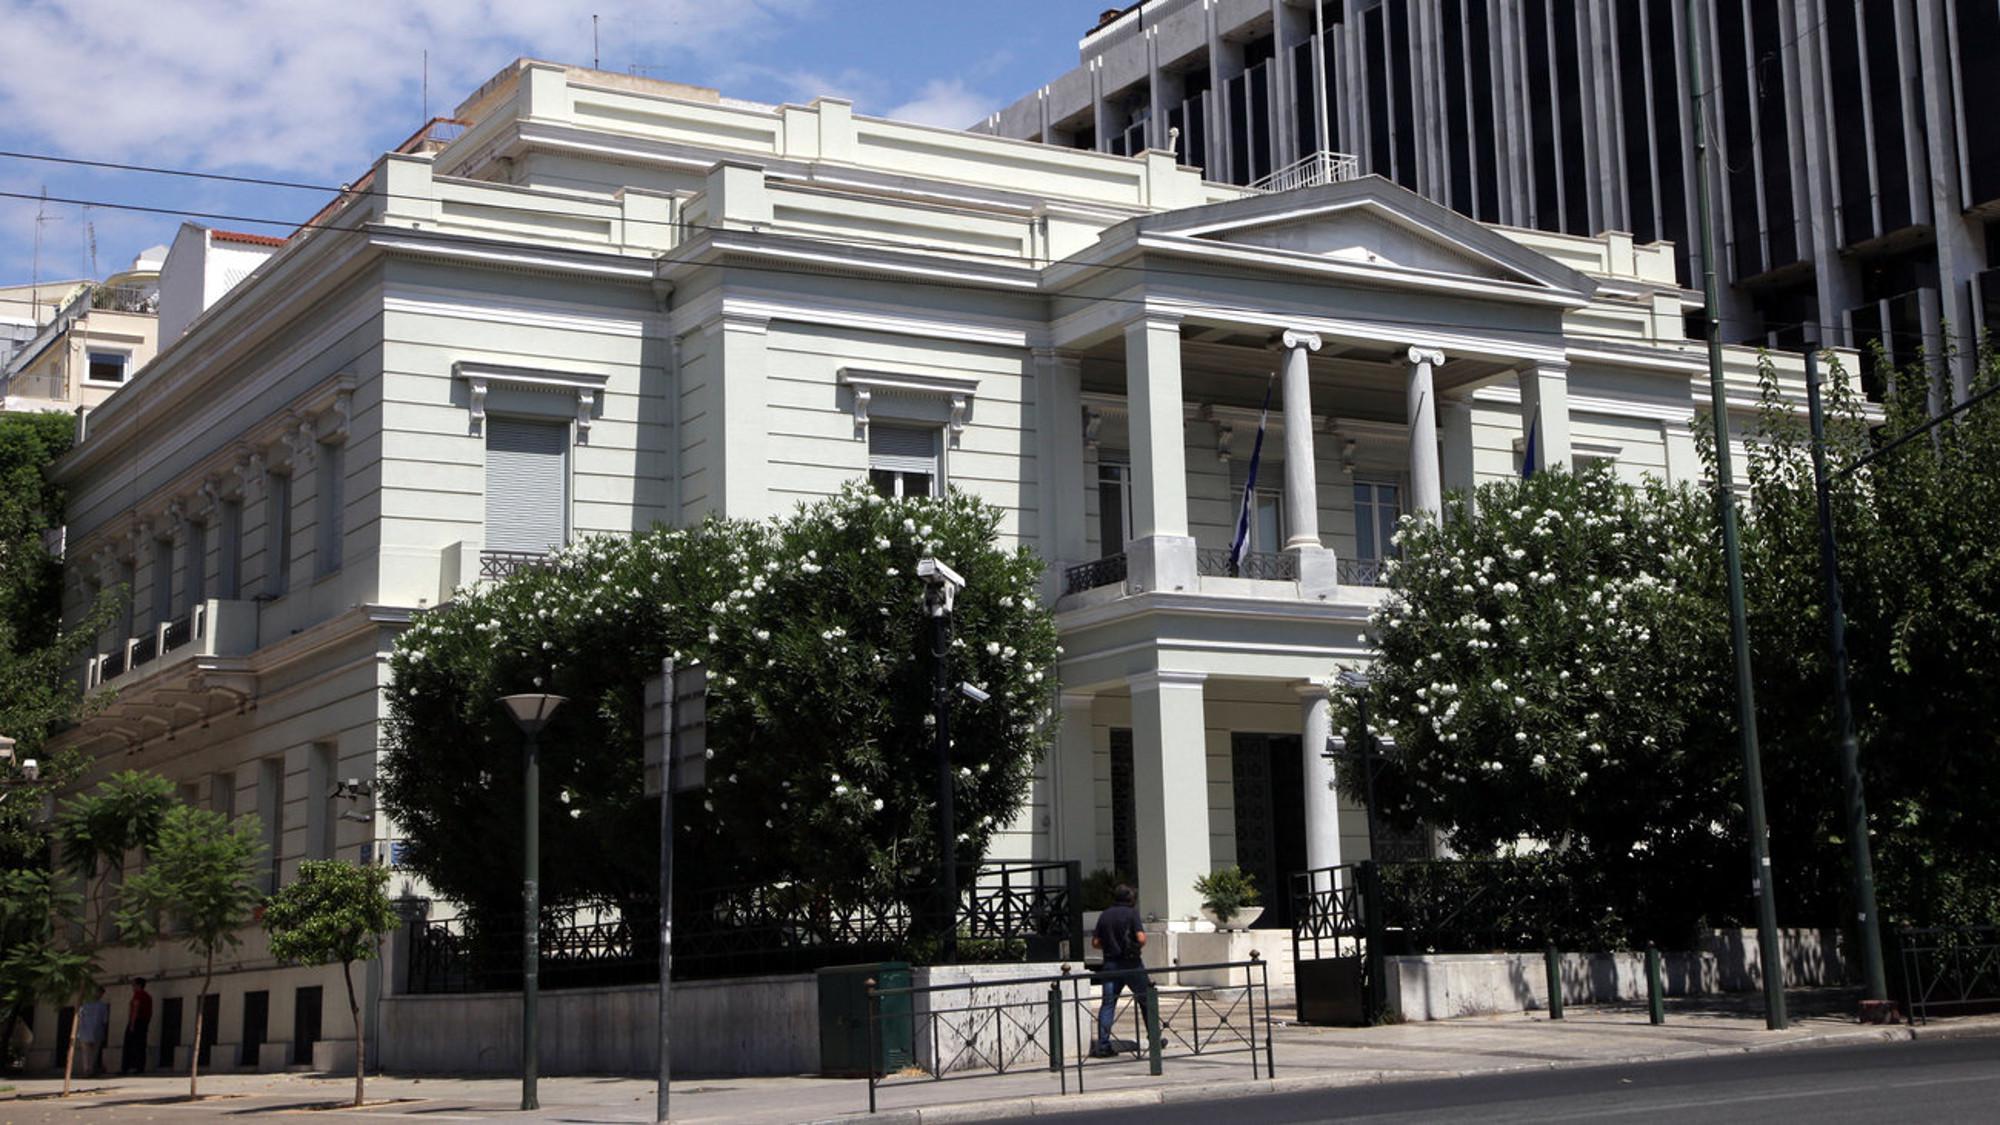 Διάβημα της Αθήνας στην Άγκυρα για την παρενόχληση του γαλλικού ερευνητικού